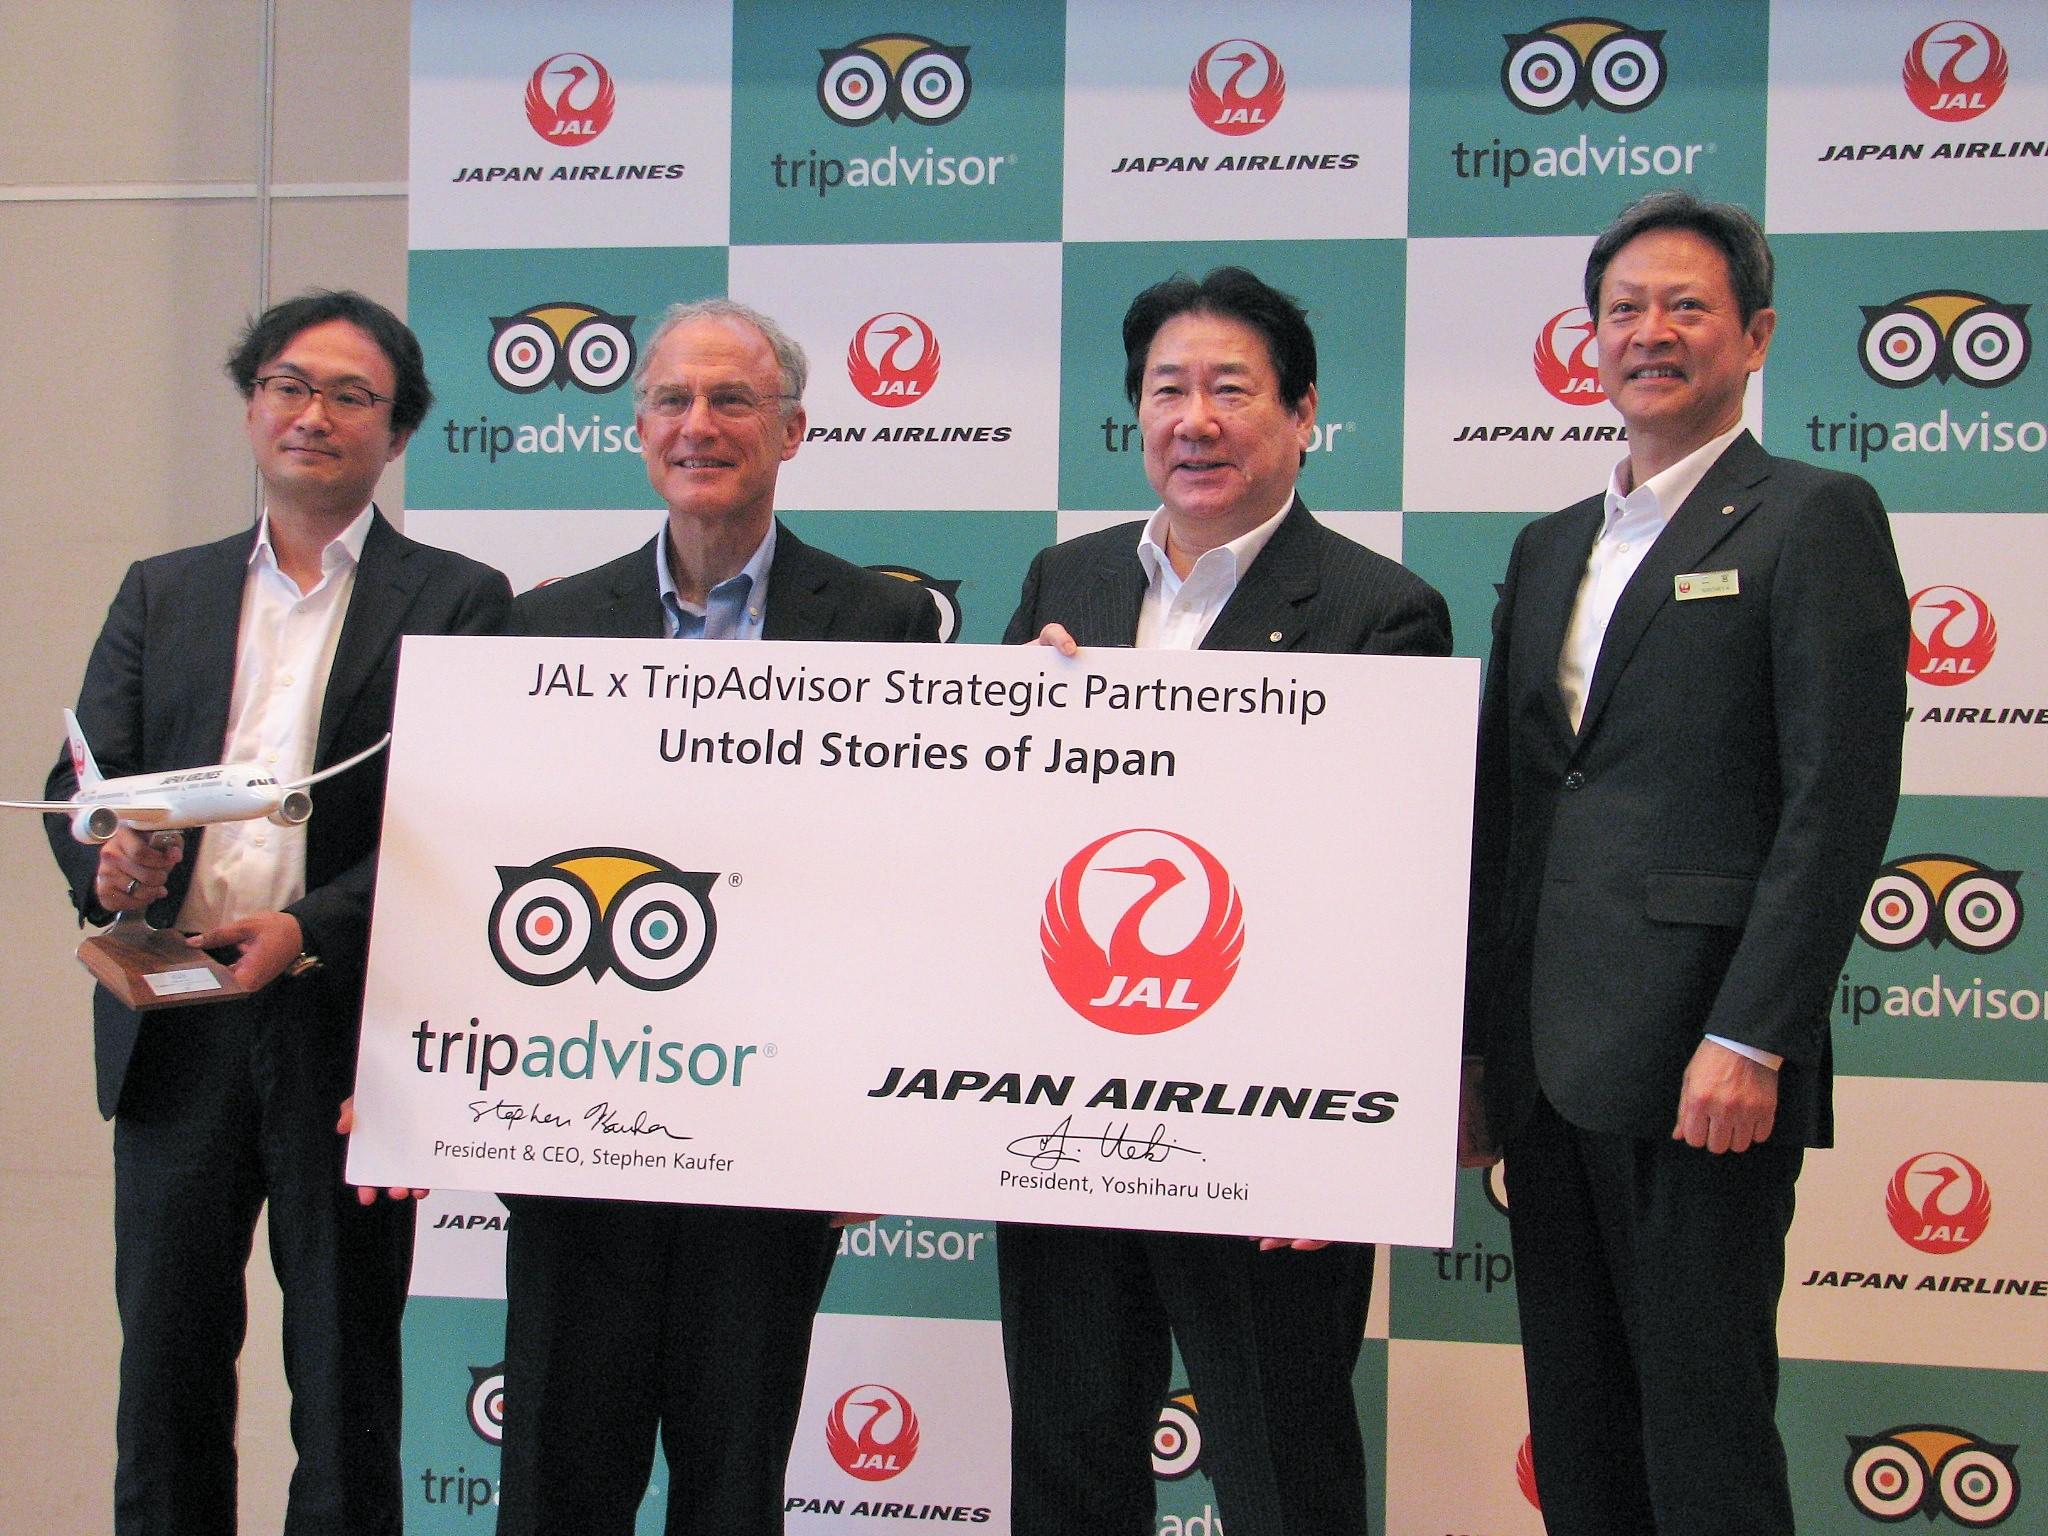 トリップアドバイザーとJAL、訪日旅行の需要喚起でタッグ、キラーコンテンツは「知られざる日本」映像